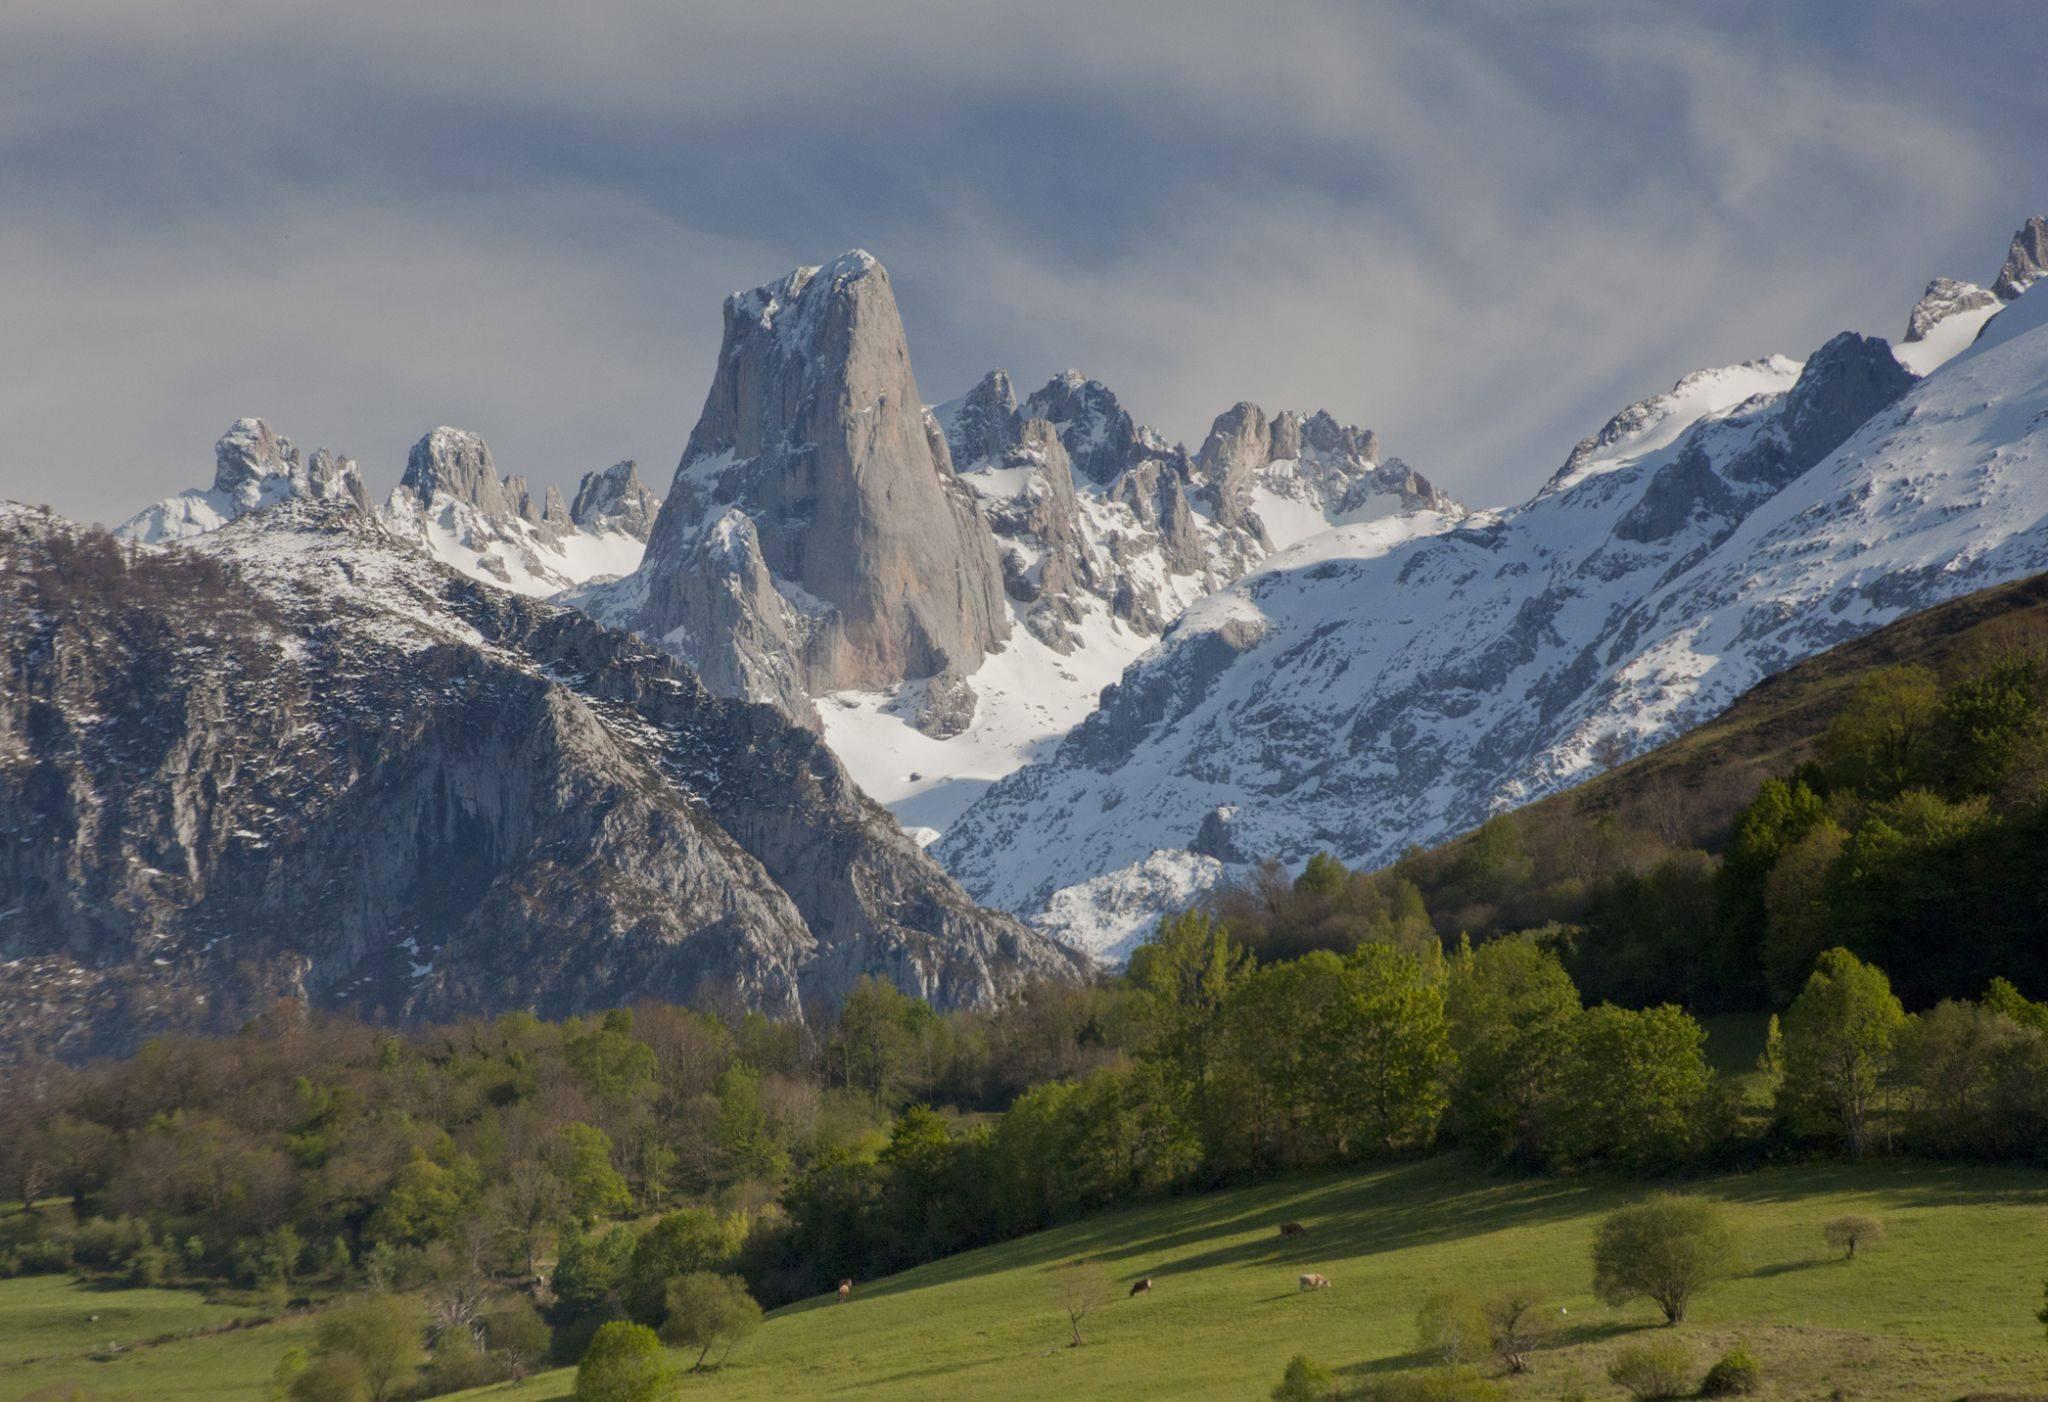 Pic Naranjo de Bulnes dans les Pics d'Europe